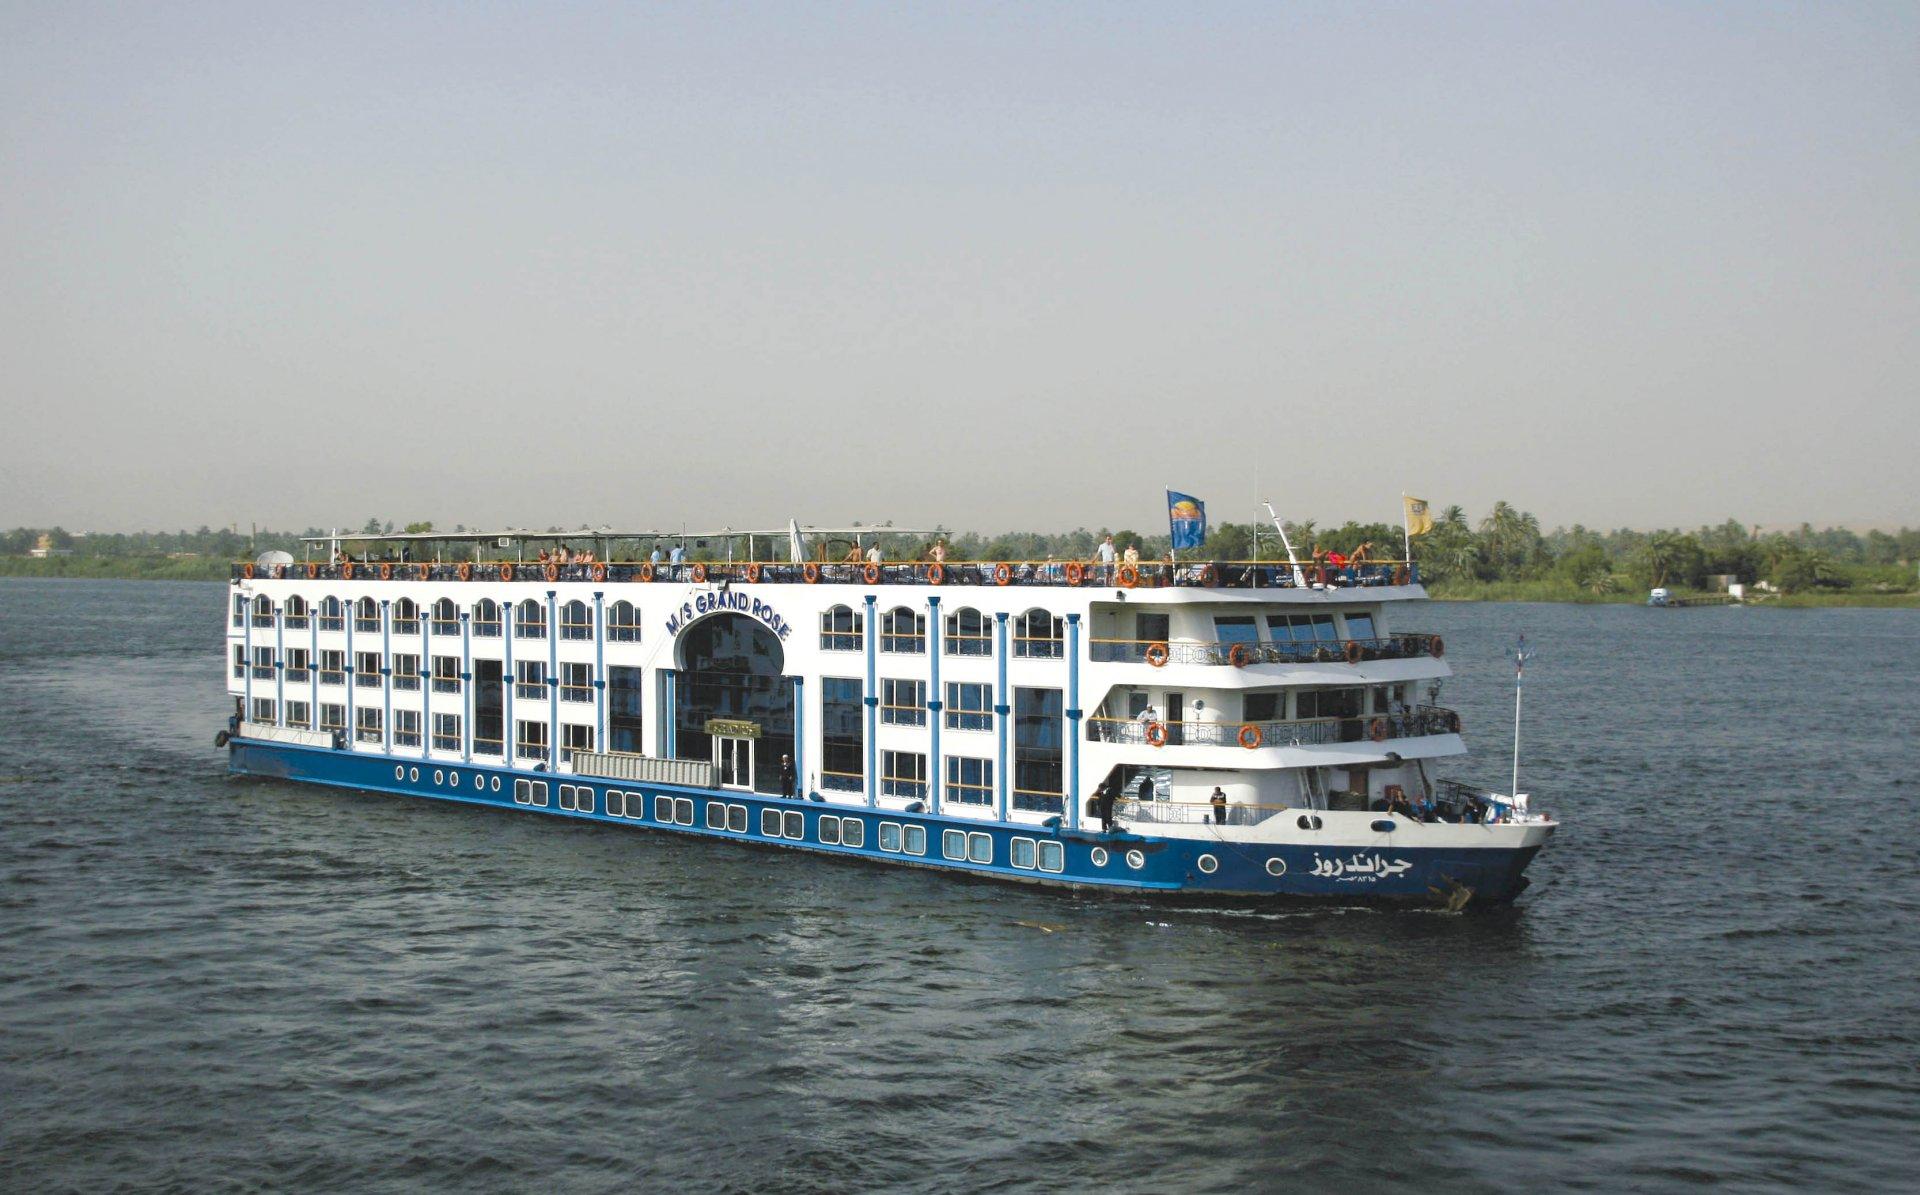 Nílusi hajóút